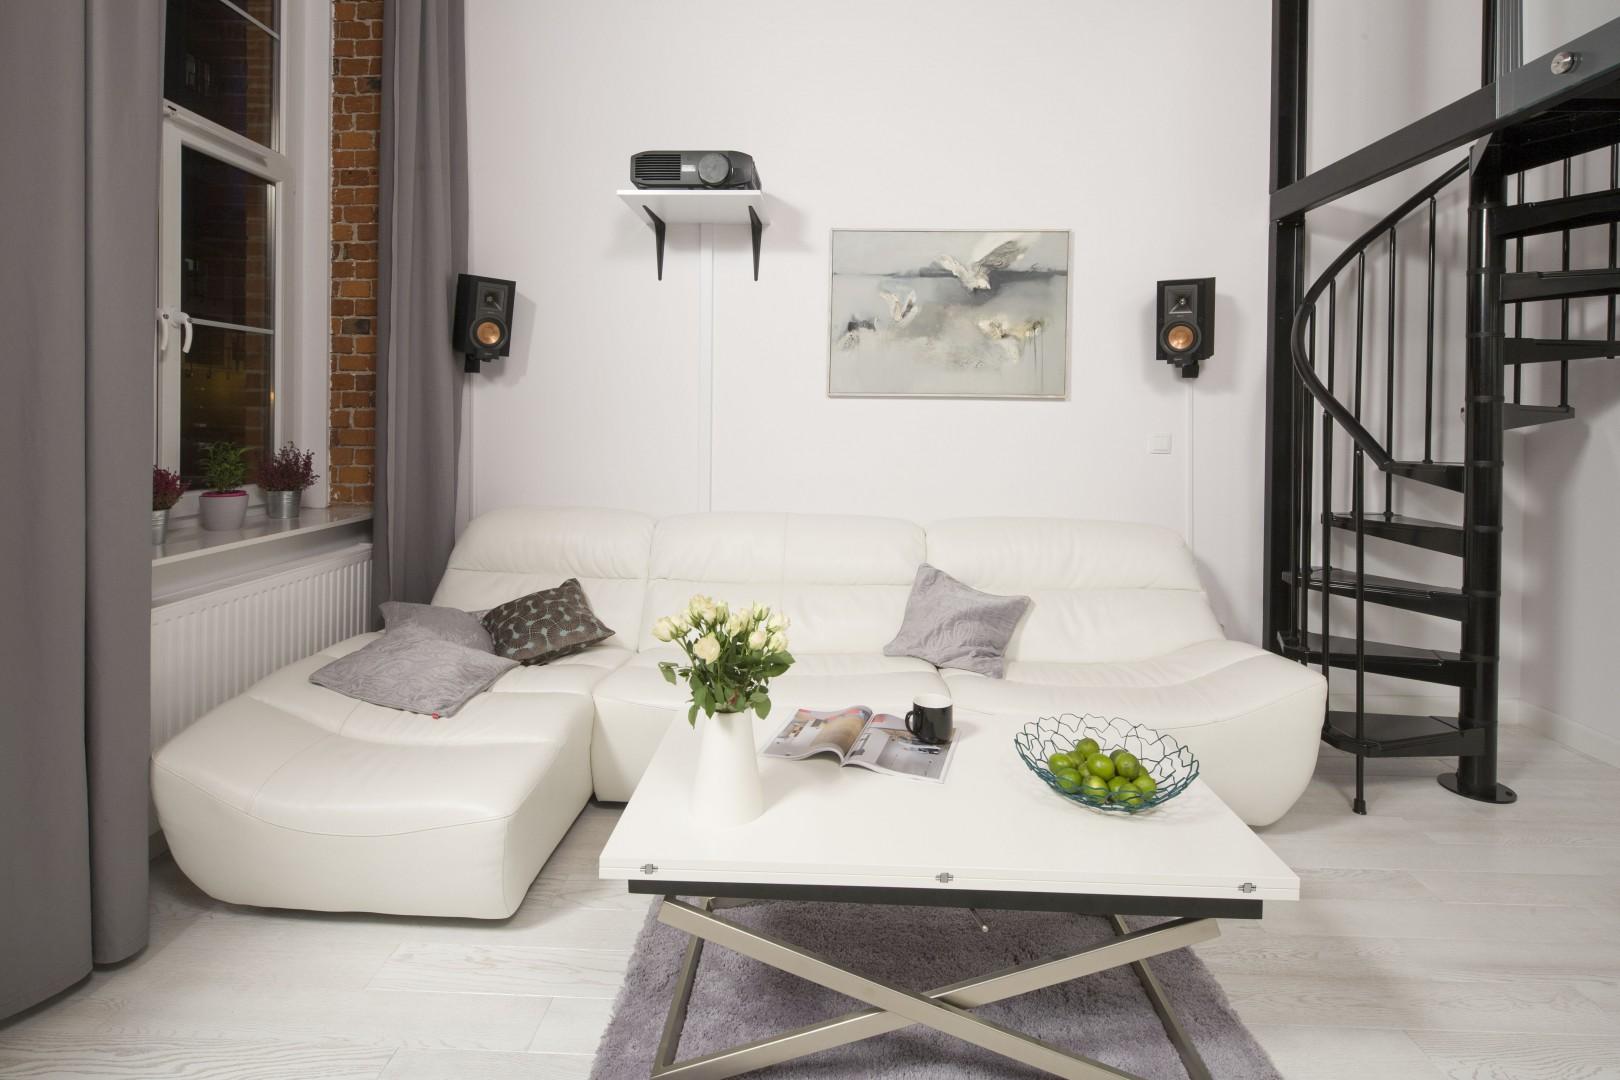 Białe meble sprawiają, że wnętrze jest pełne przestrzeni i wizualnej lekkości. Projekt: Szymon Chudy. Fot. Bartosz Jarosz